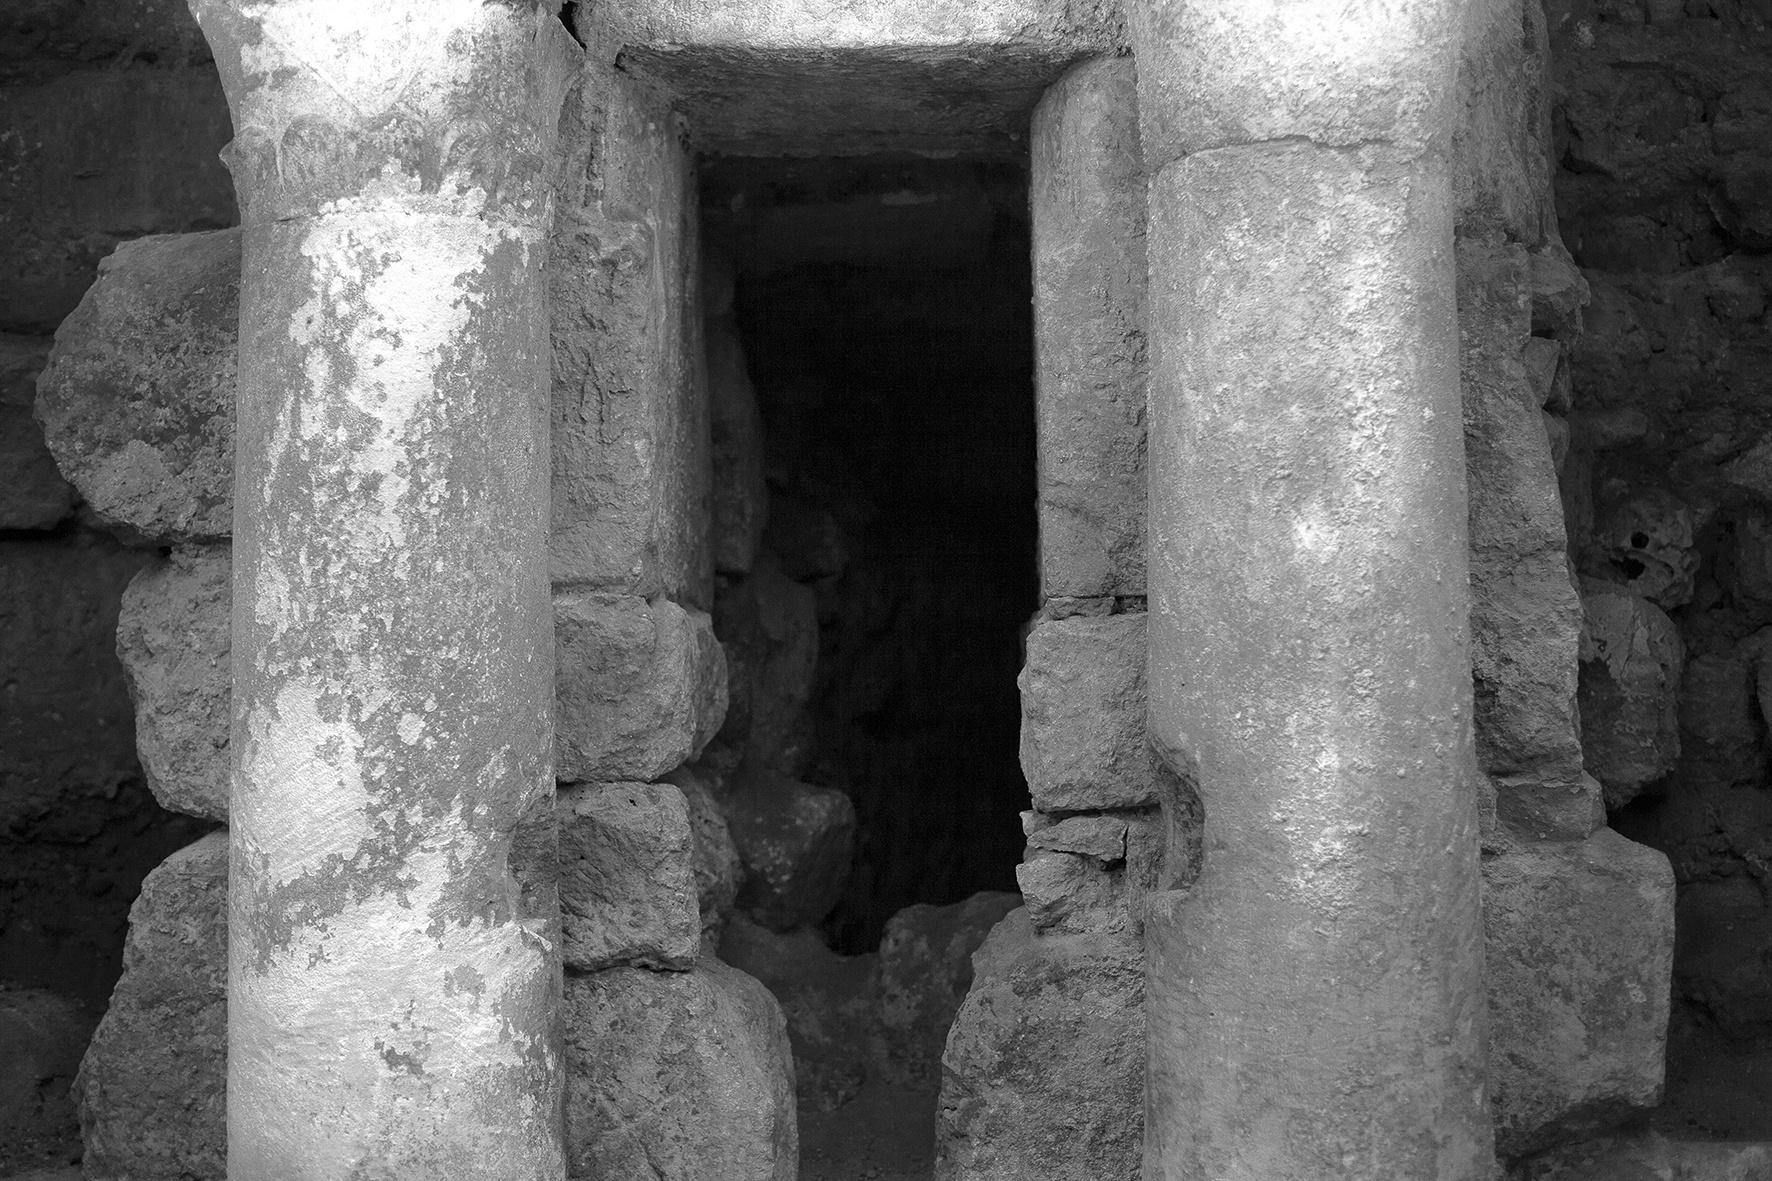 Cripta de San Antolín, 2018 - Niebla (2018) - Ana Frechilla, proyecto fotográfico